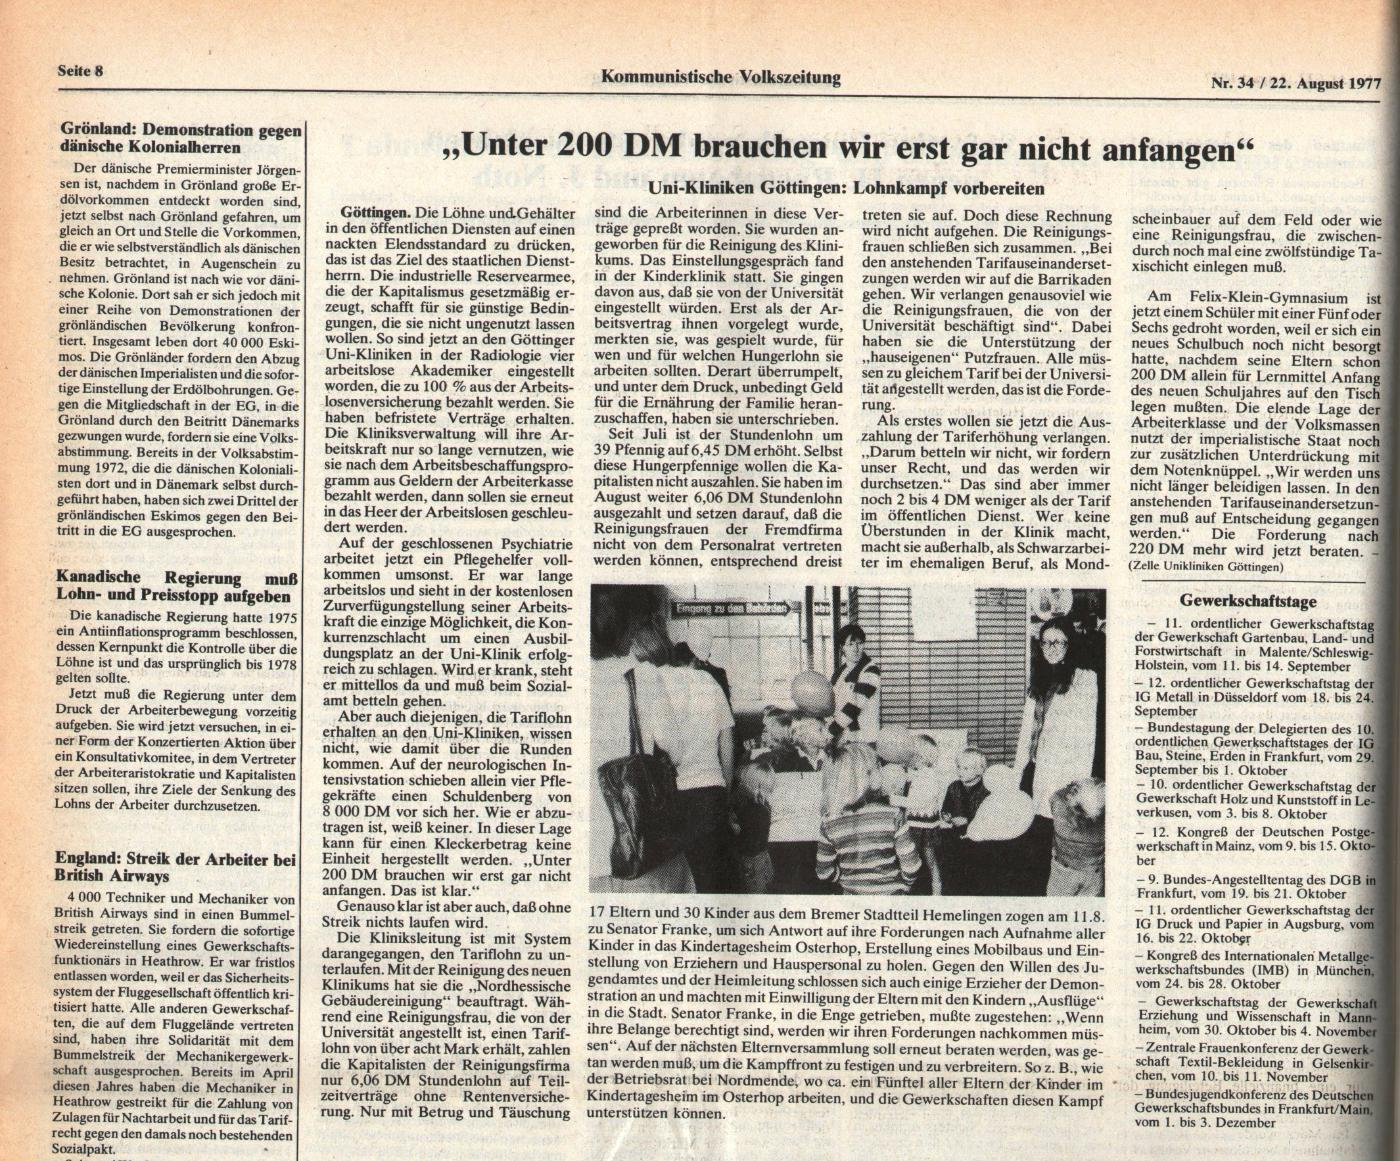 KVZ_Nord_1977_34_15